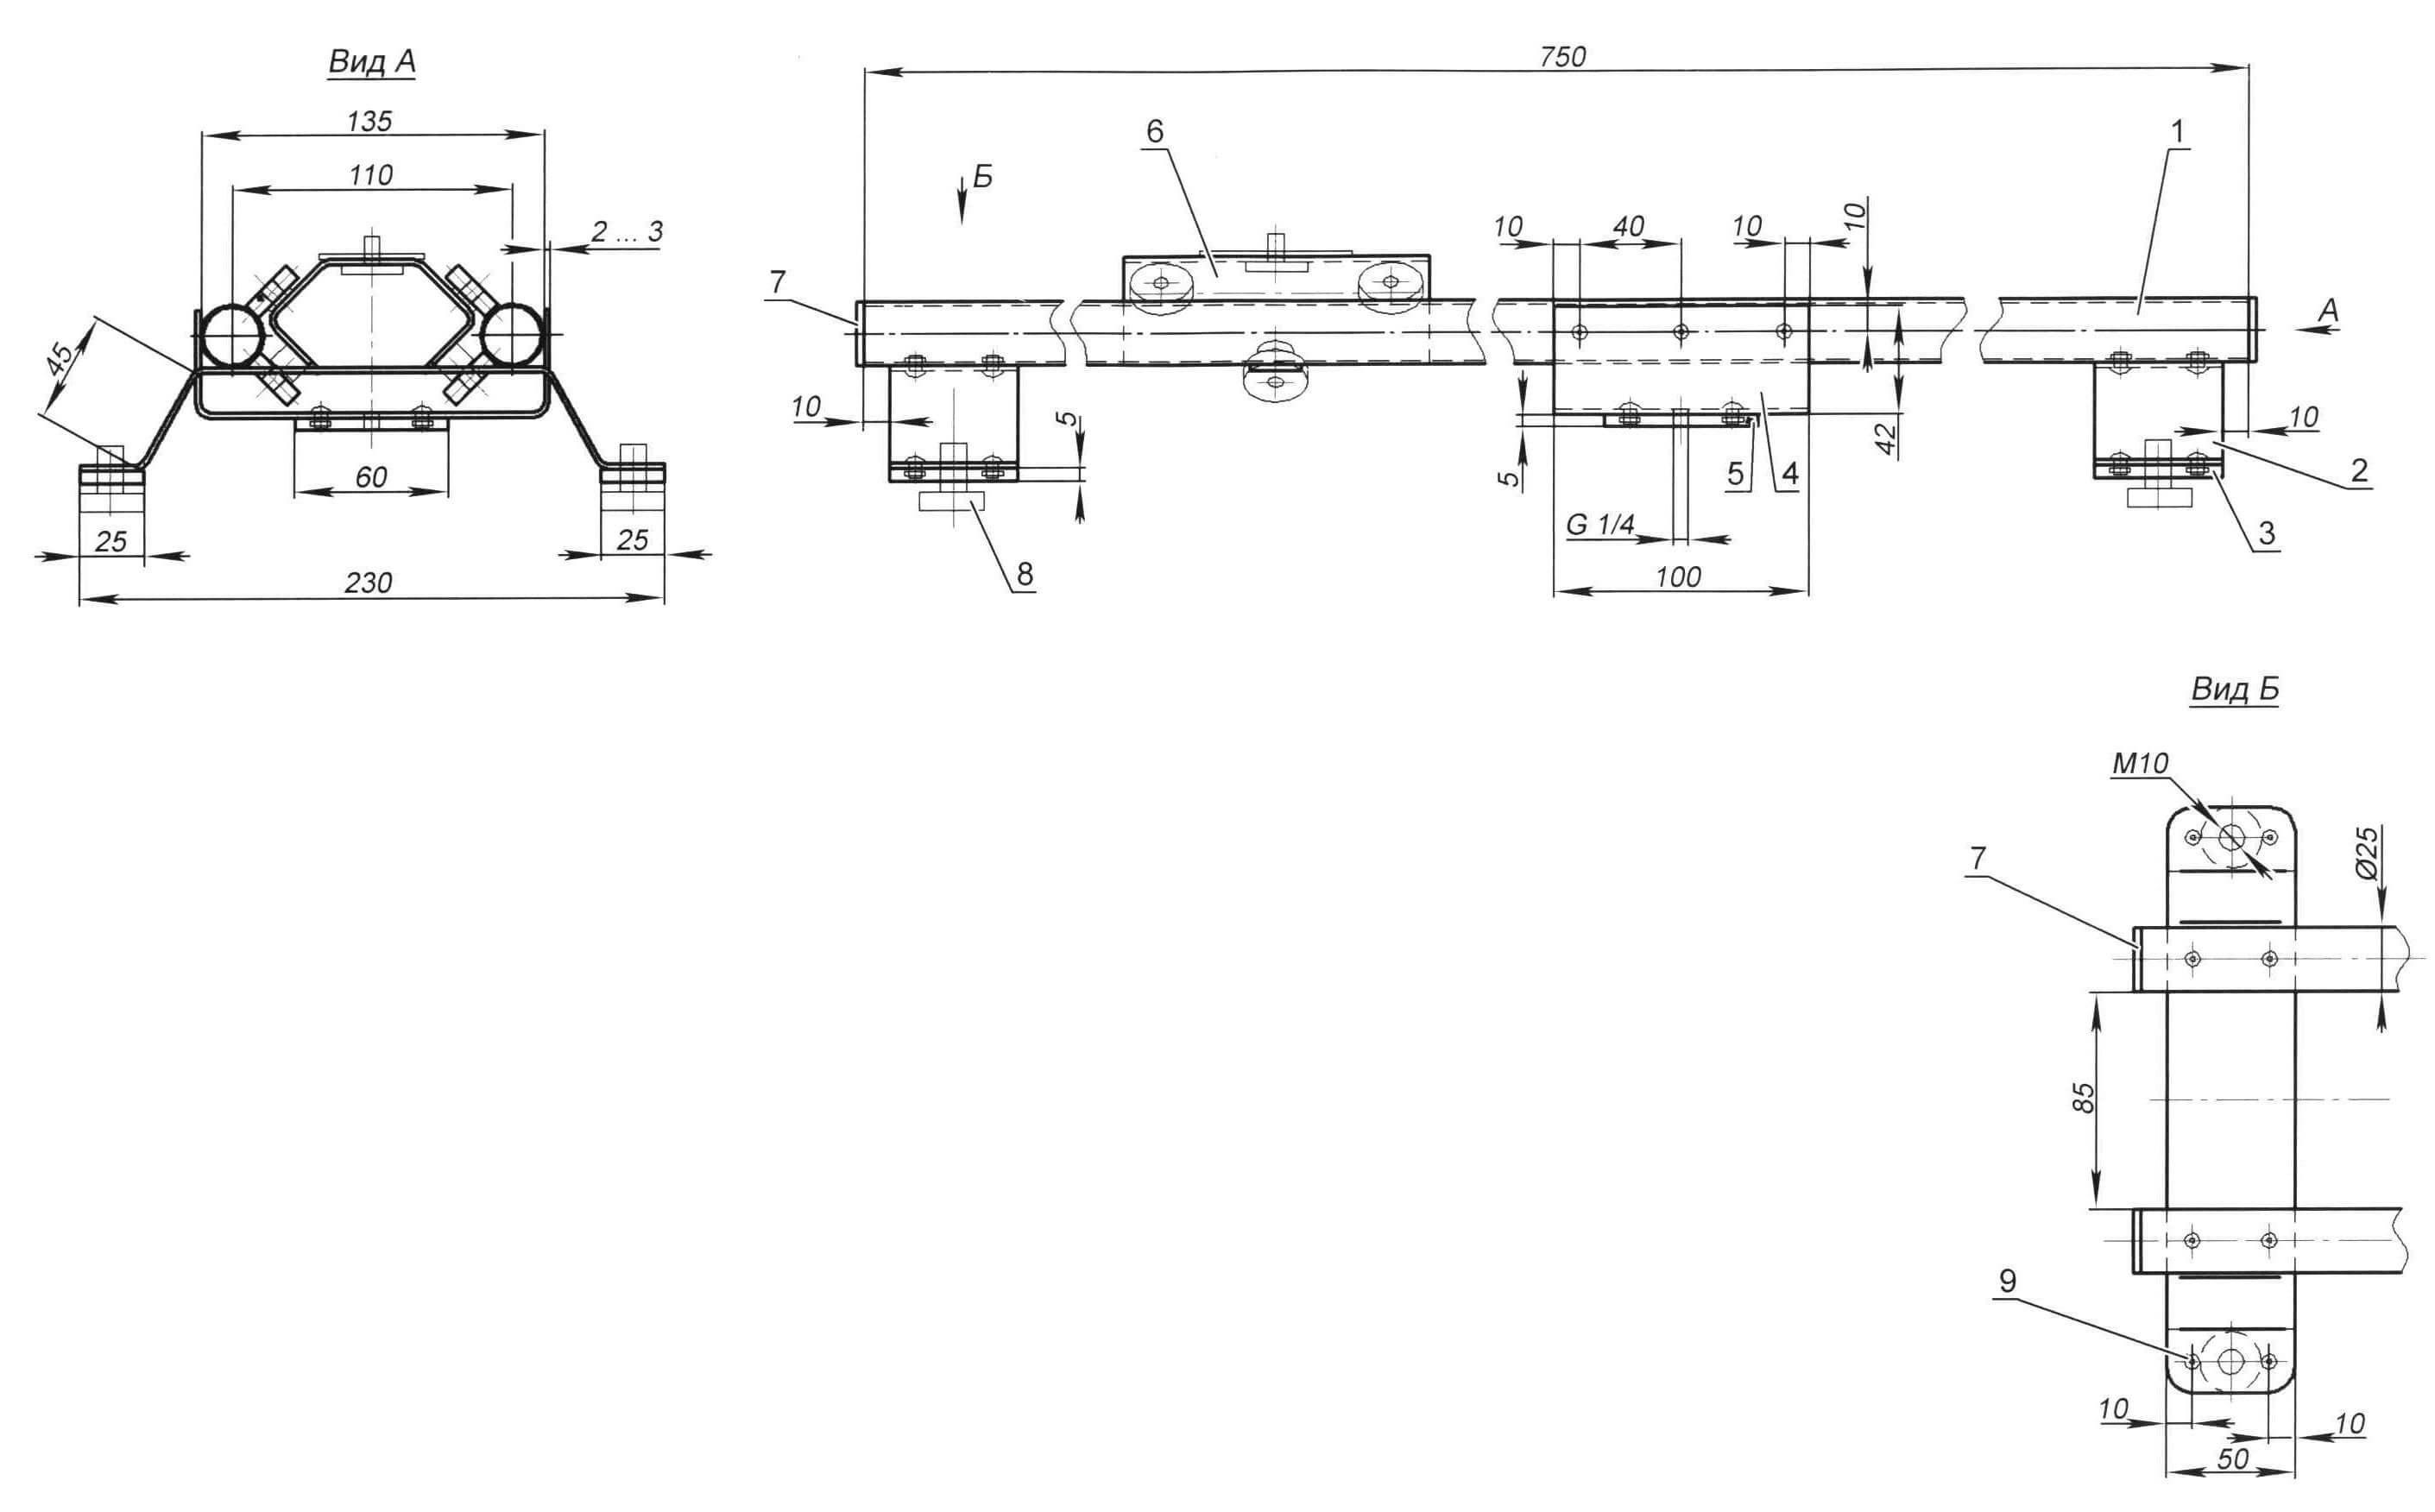 Рис. 1. Самодельный слайдер: 1 - направляющий трубчатый рельс (мебельная труба ᴓ25, L=750, 2 шт.); 2 - ножка (дюралюминиевый лист s3, 2 шт.); 3 - пятка ножки (дюралюминиевый лист, s5, 4 шт.); 4 - опорный кронштейн для установки слайдера на штатив (дюралюминиевый лист, s3); 5 - опора штатива (дюралюминиевый лист s5); 6 - каретка; 7 - пробка мебельной трубки (4 шт.); 8 - мебельная винтовая опора (4 шт.); 9 - отрывные заклепки (ᴓ5, L=10, 26 шт.)